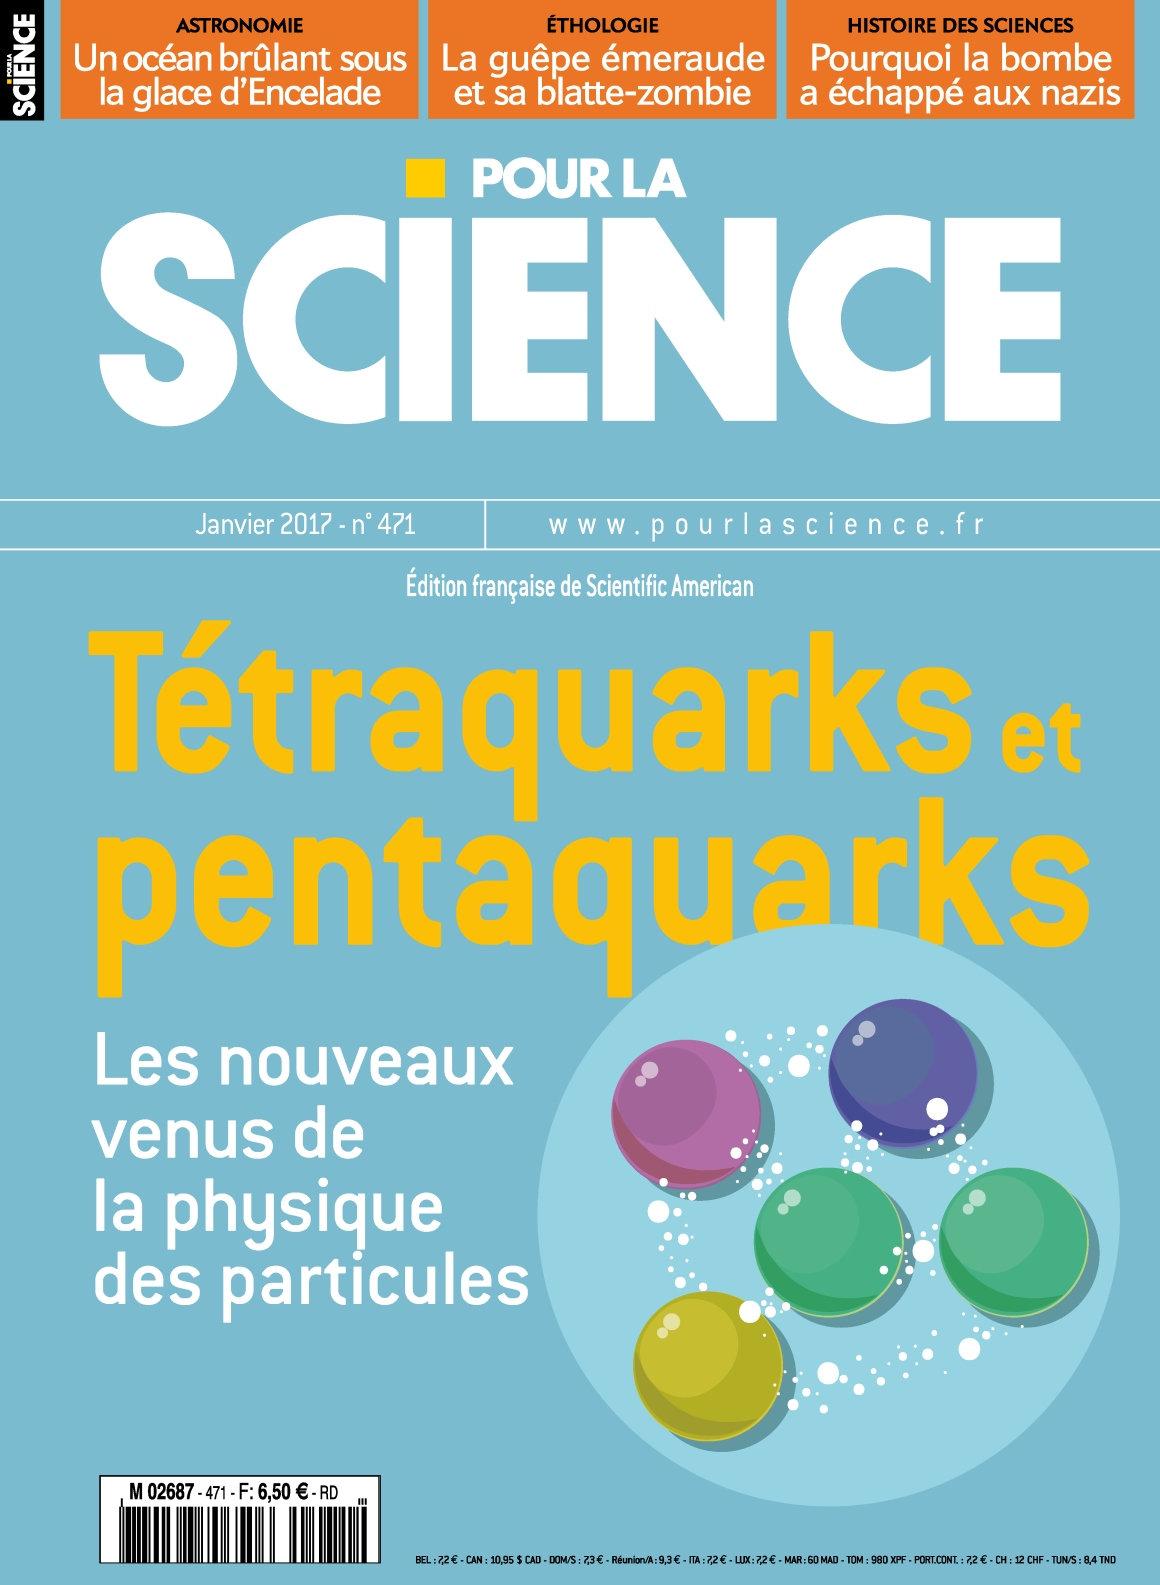 Pour la Science N°471 - Janvier 2017